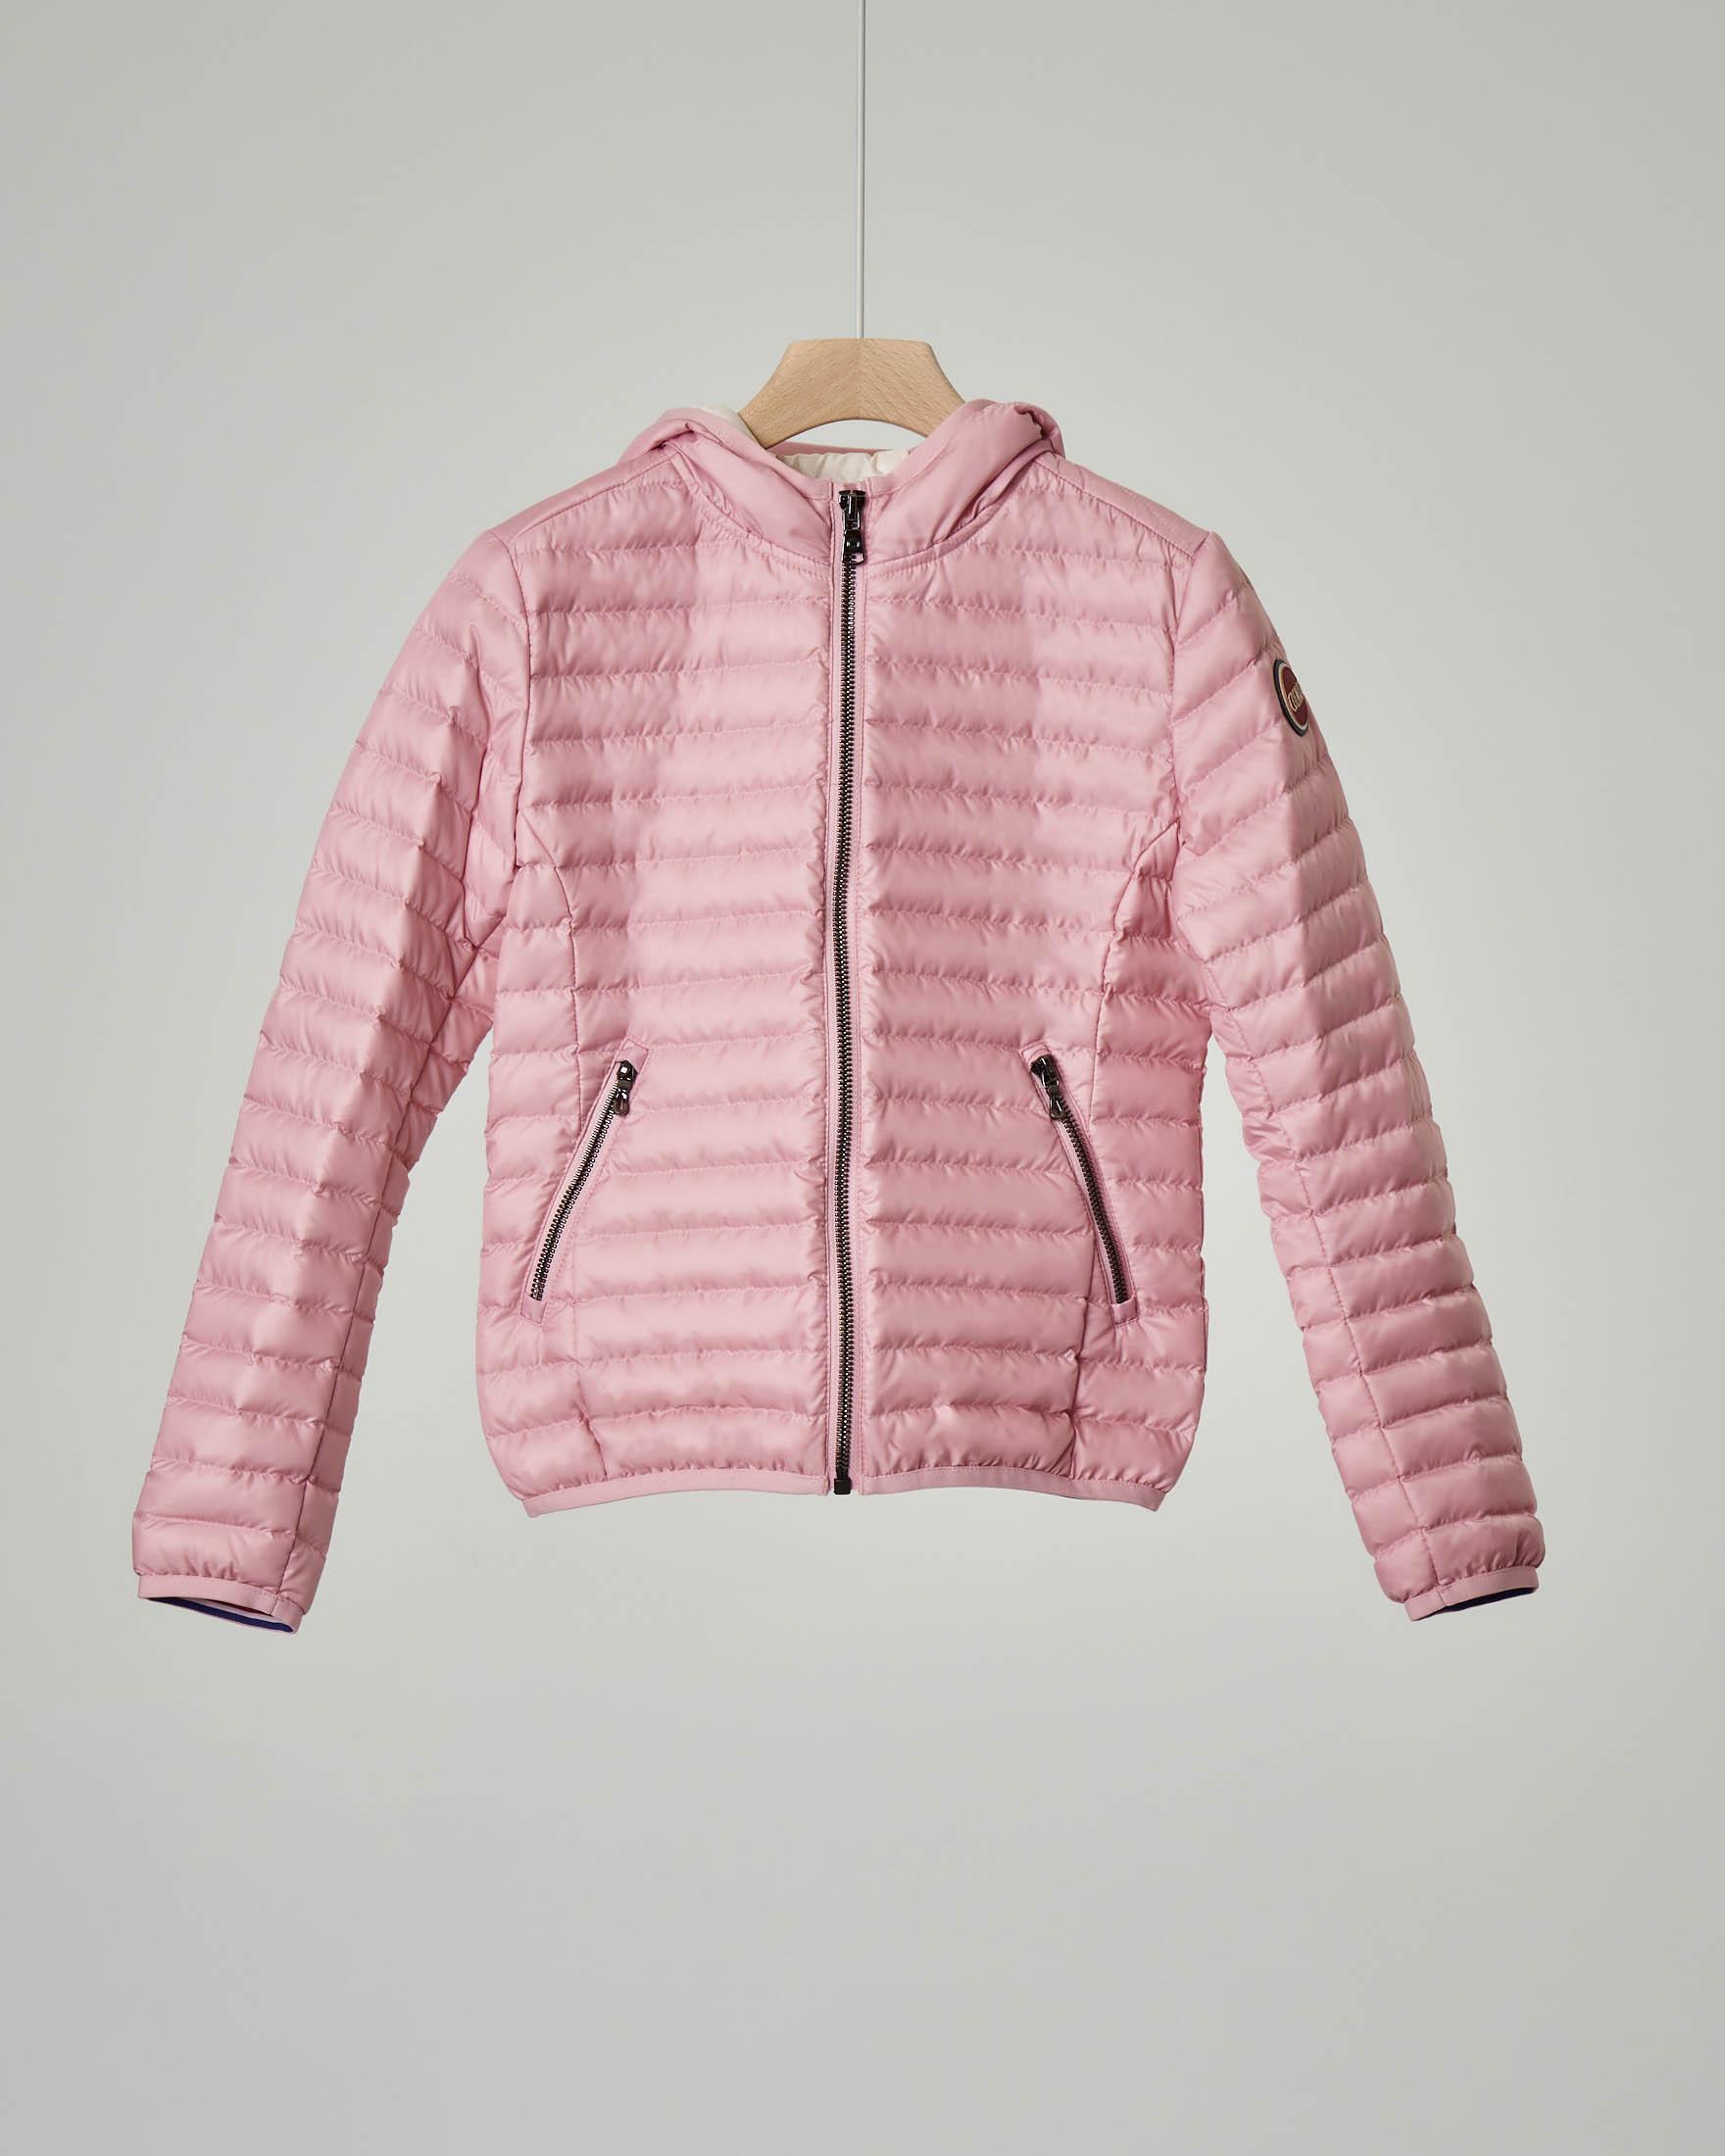 Piumino rosa con cappuccio 8-10 anni